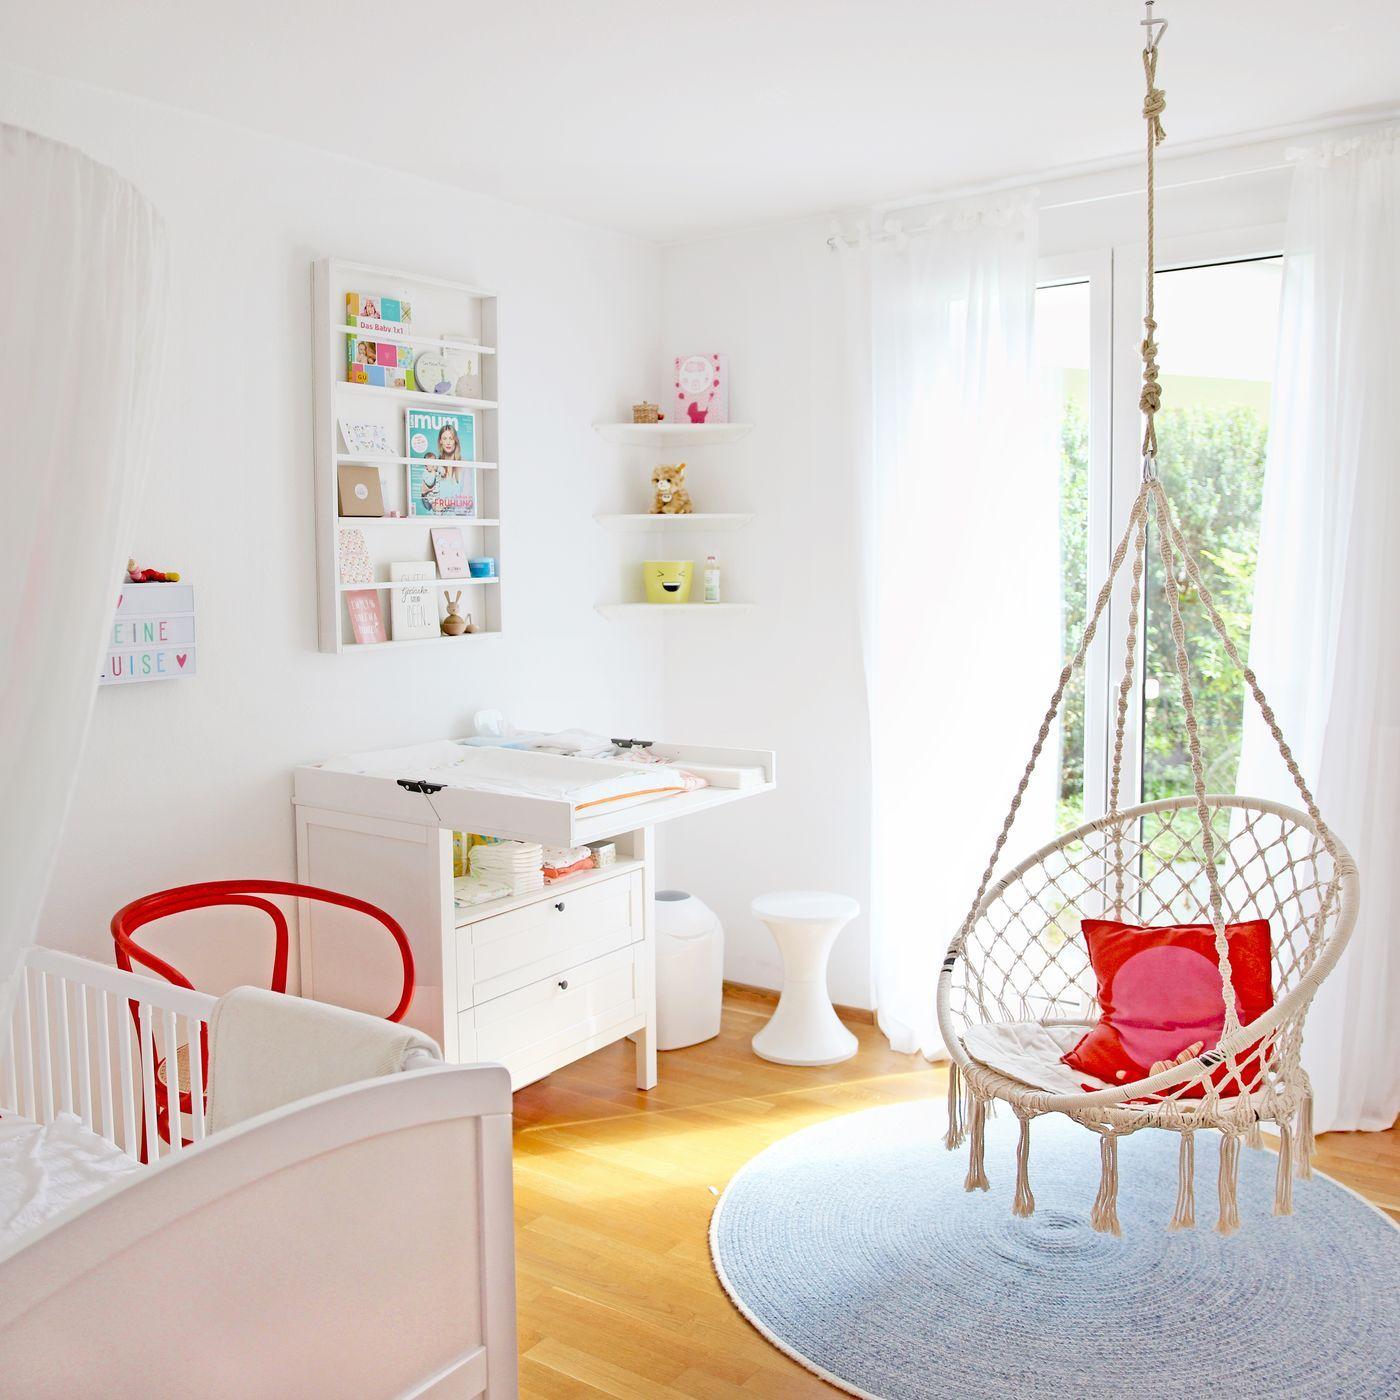 Schlafzimmer Und Babyzimmer In Einem Raum